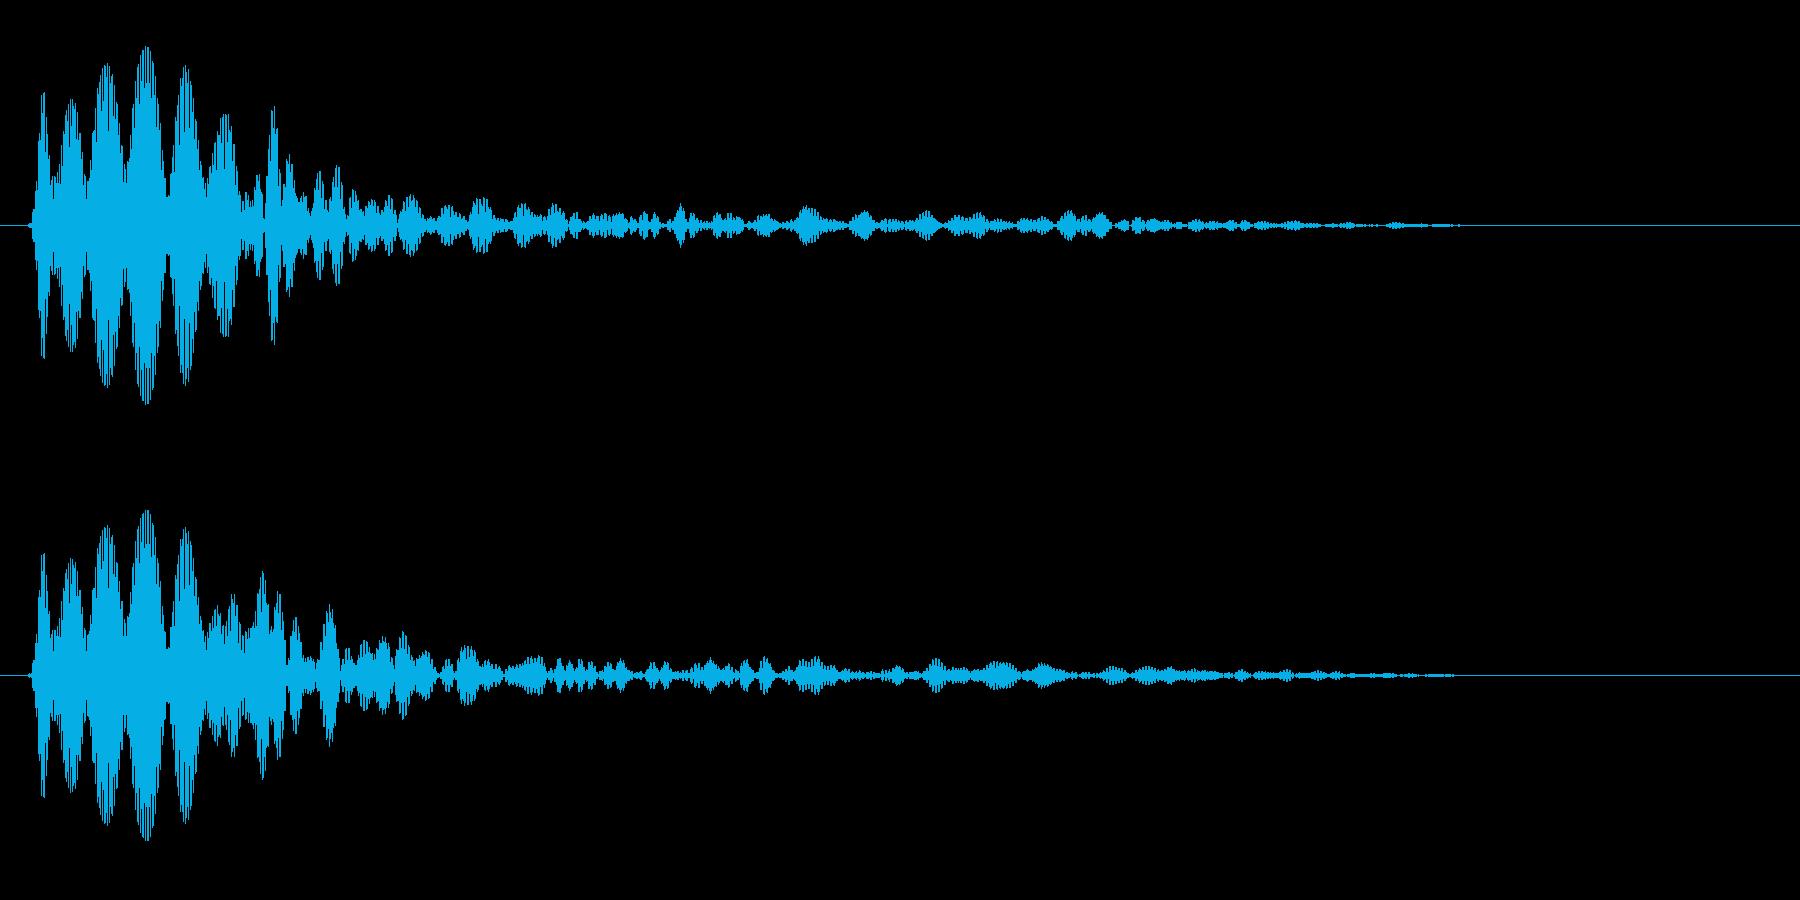 ブーン(スピード音)の再生済みの波形